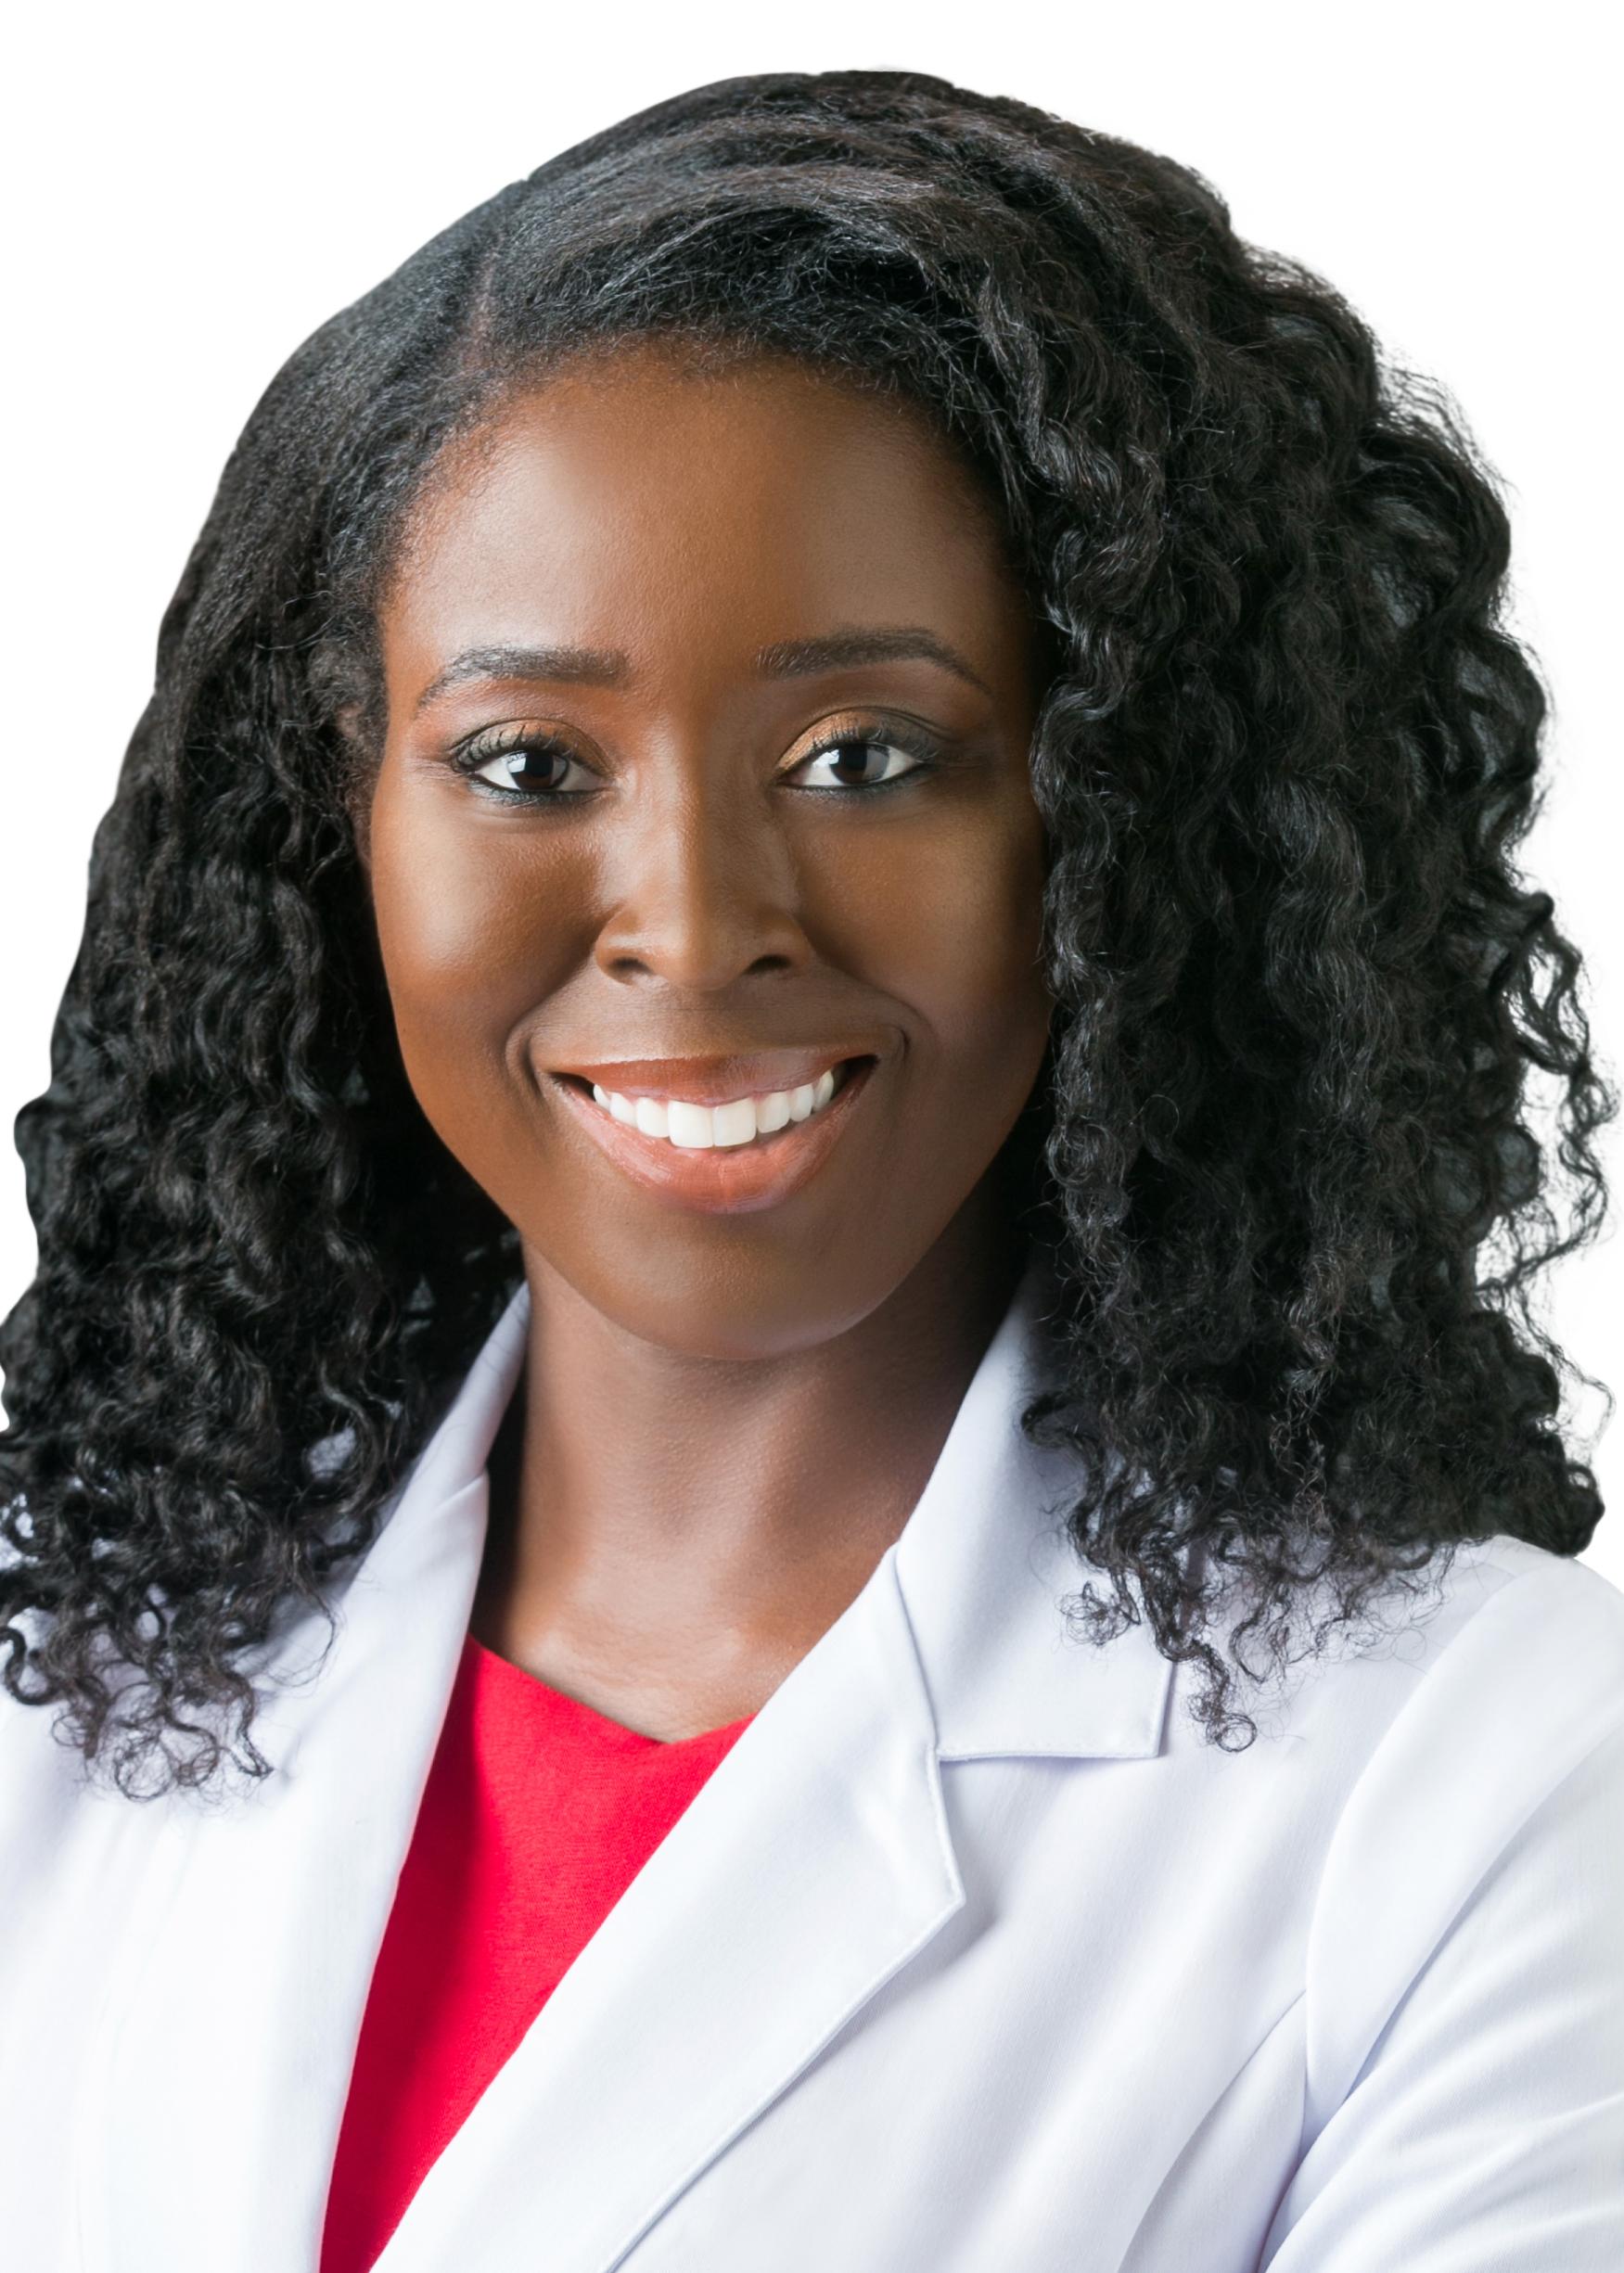 Kemi Akingboye, M.D. - COSMETIC MEDICAL DIRECTOR